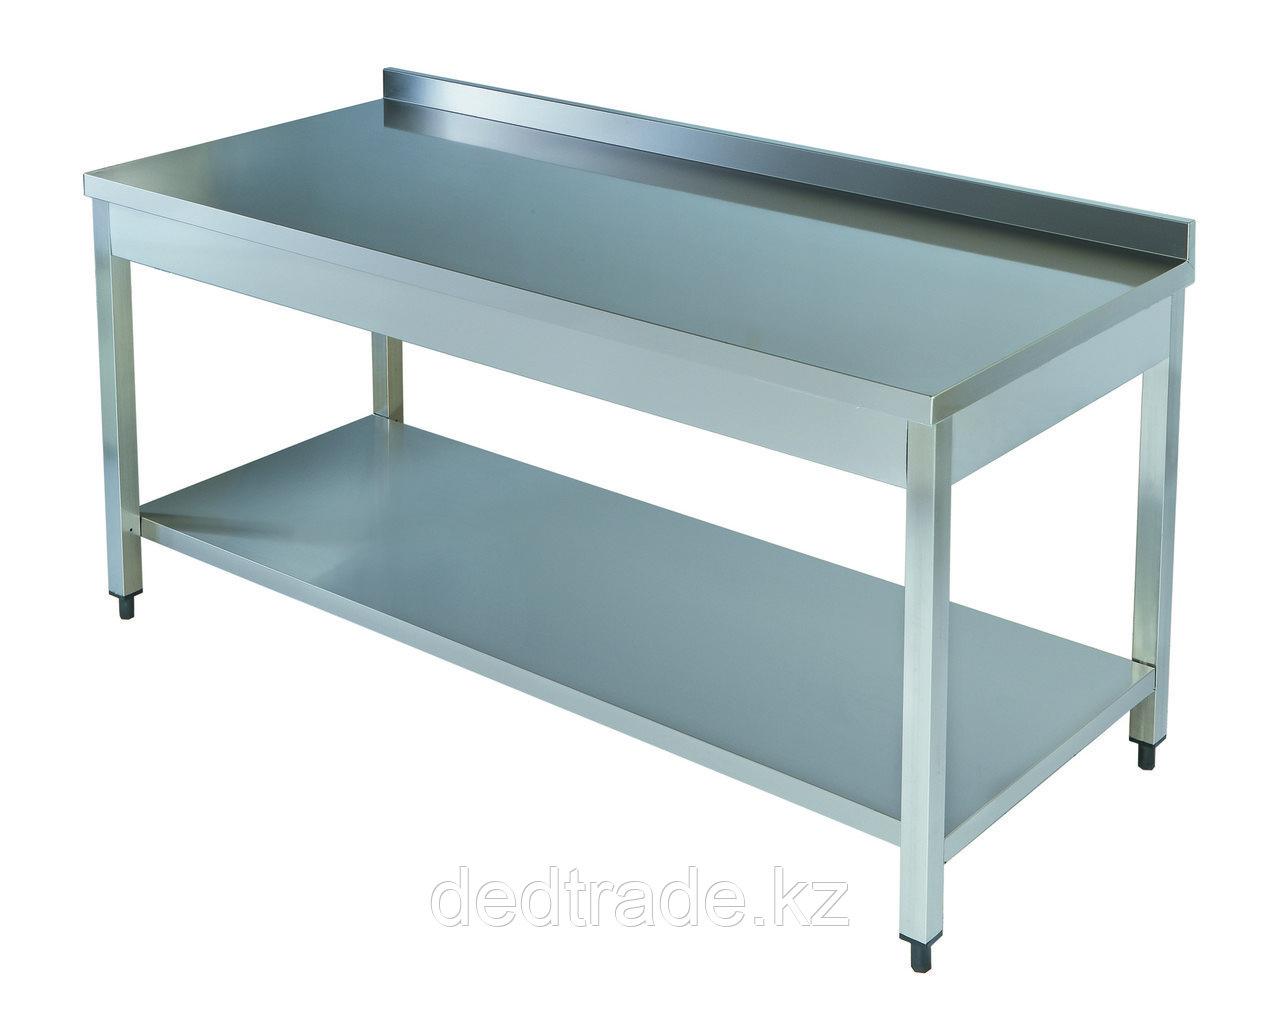 Рабочий стол с полкой нержавеющая сталь Размеры 1200*700*850 мм